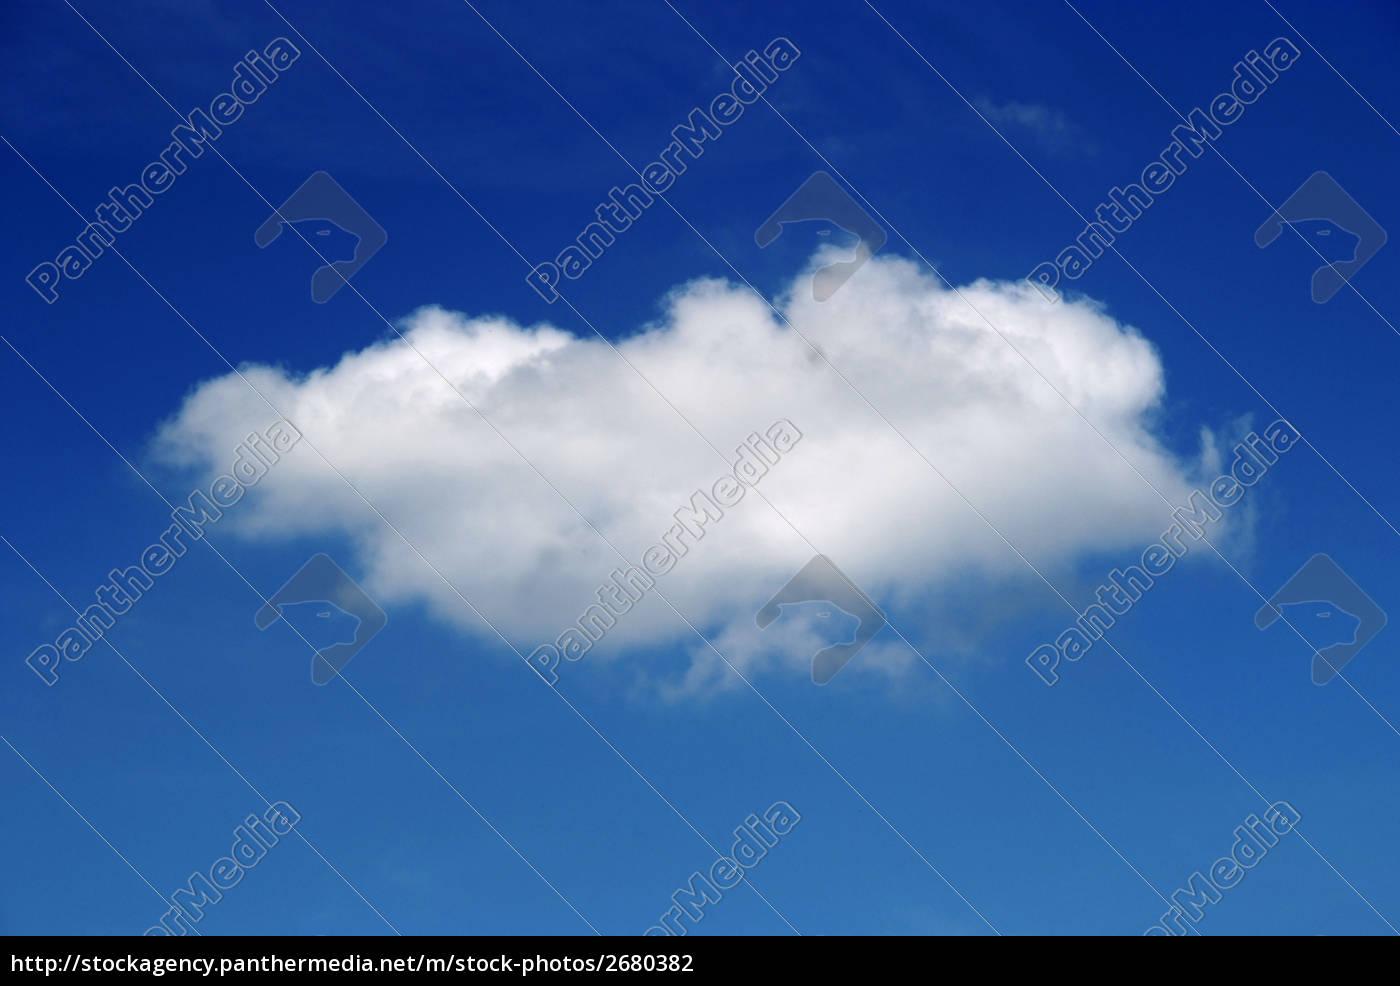 blau, himmel, wolke - 2680382